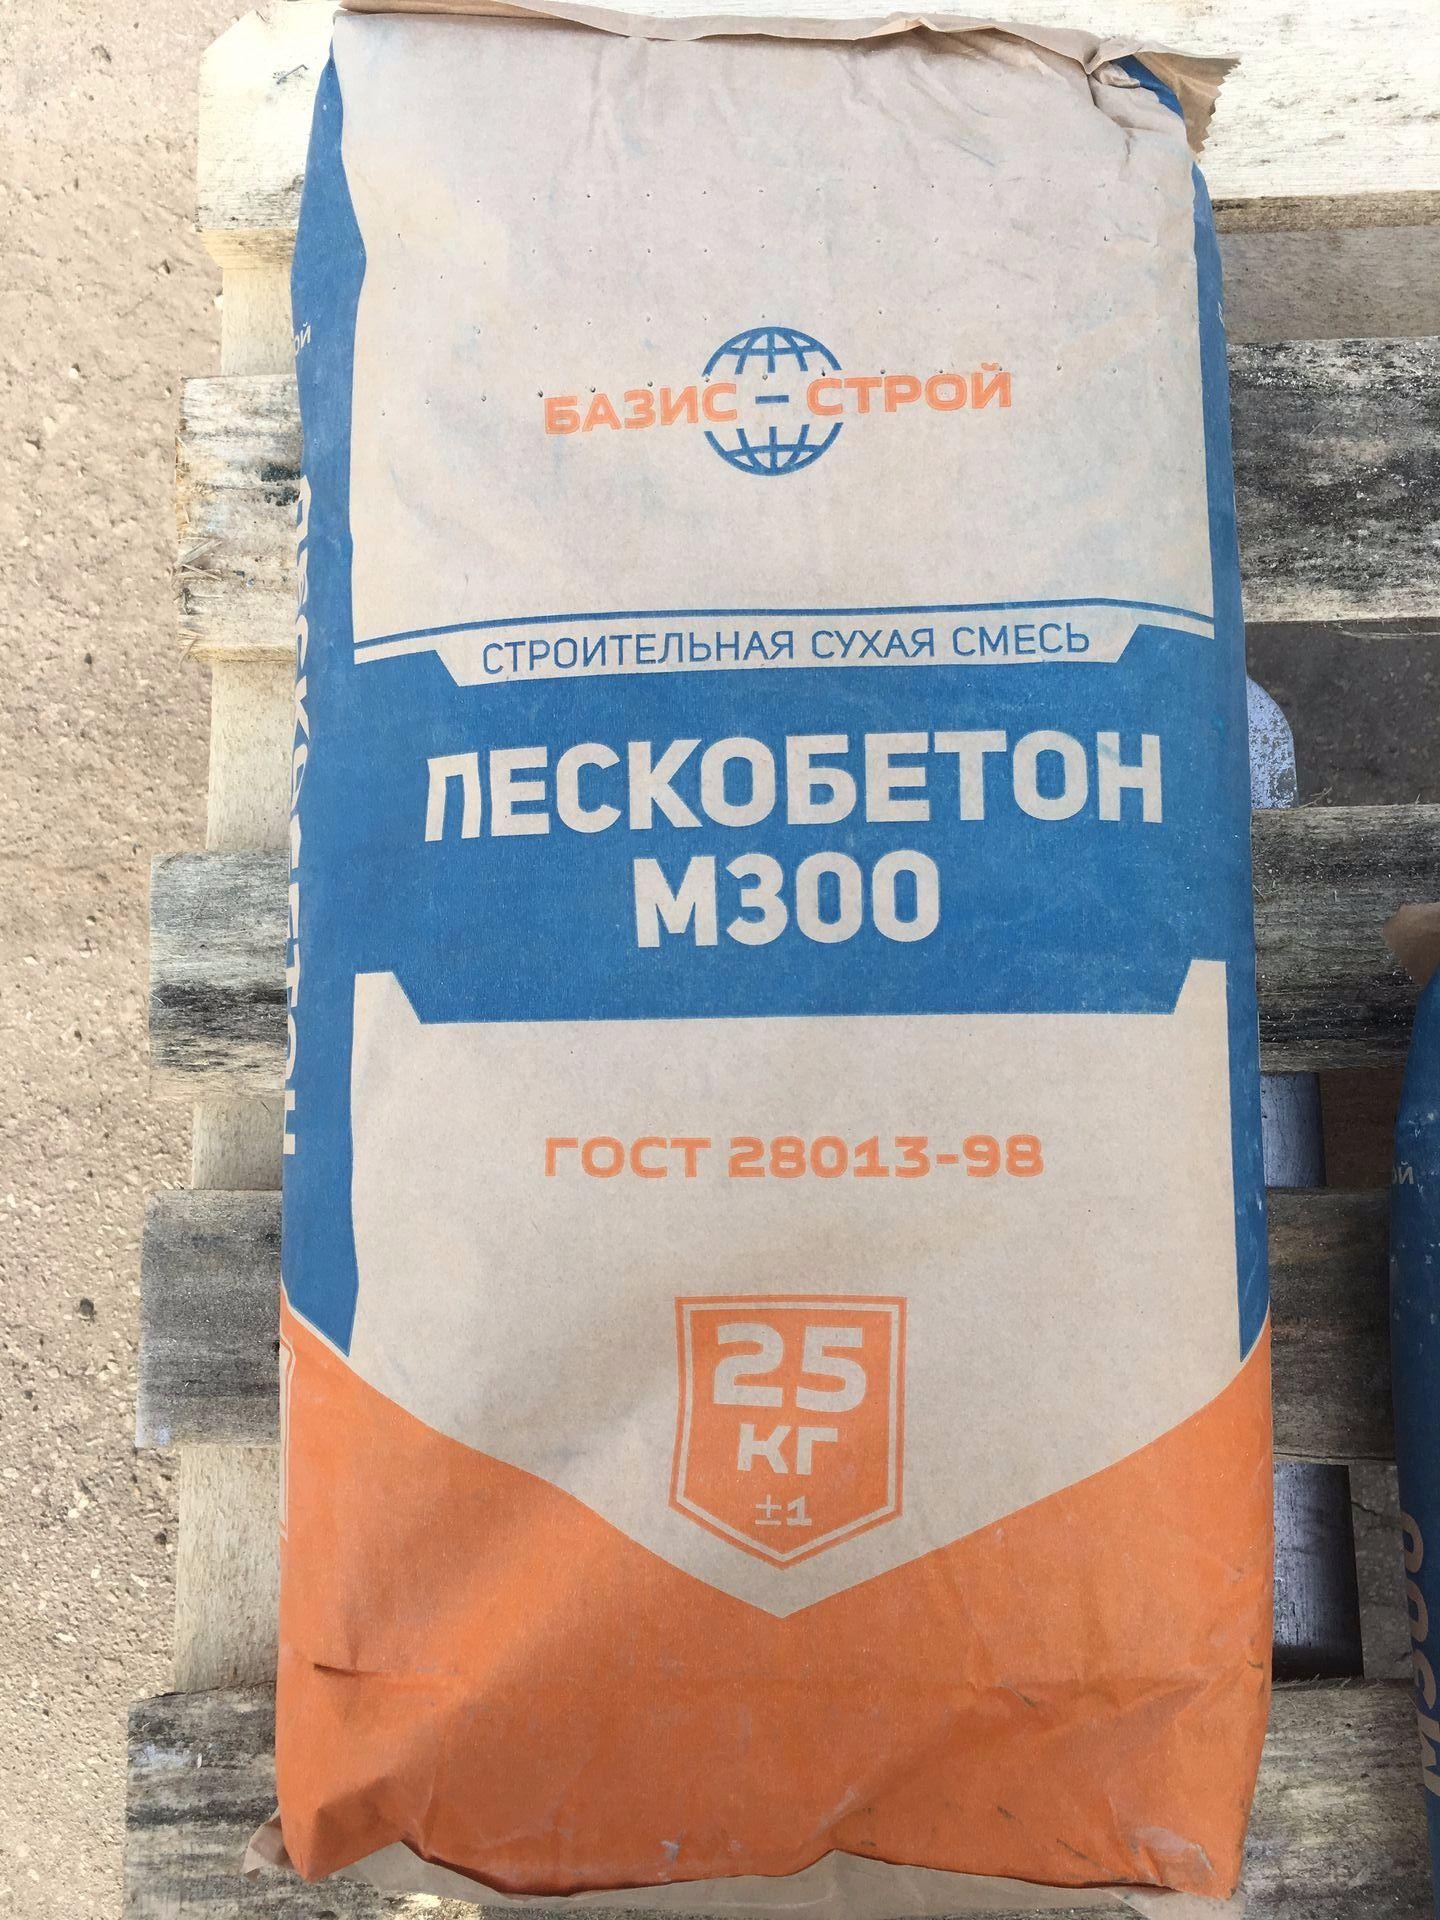 м300 сухая смесь